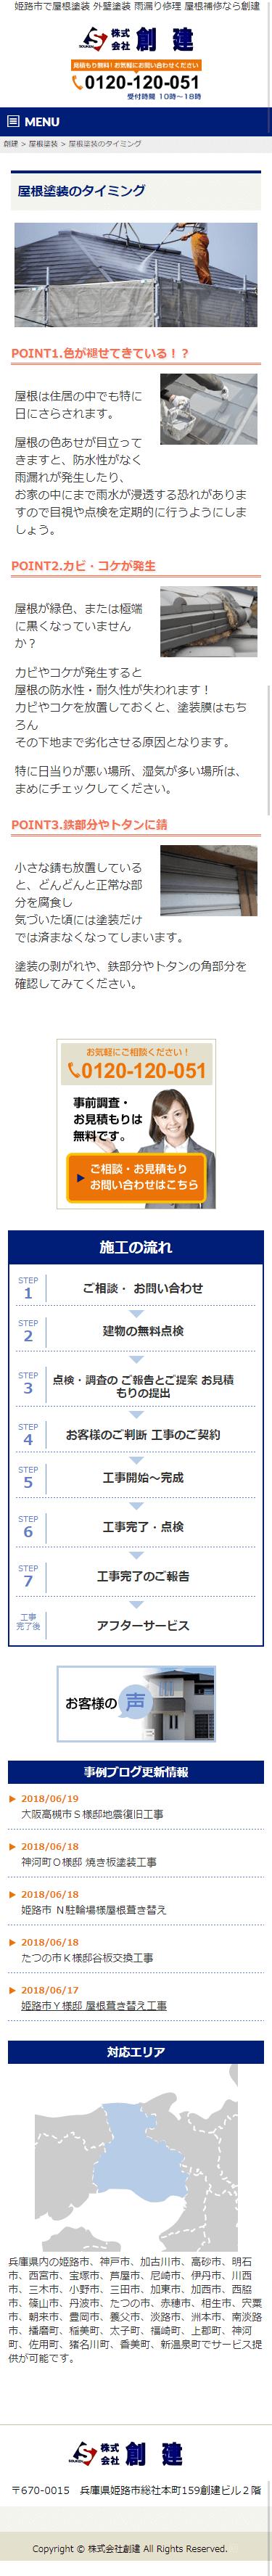 姫路市 株式会社創建様 ホームページ制作4